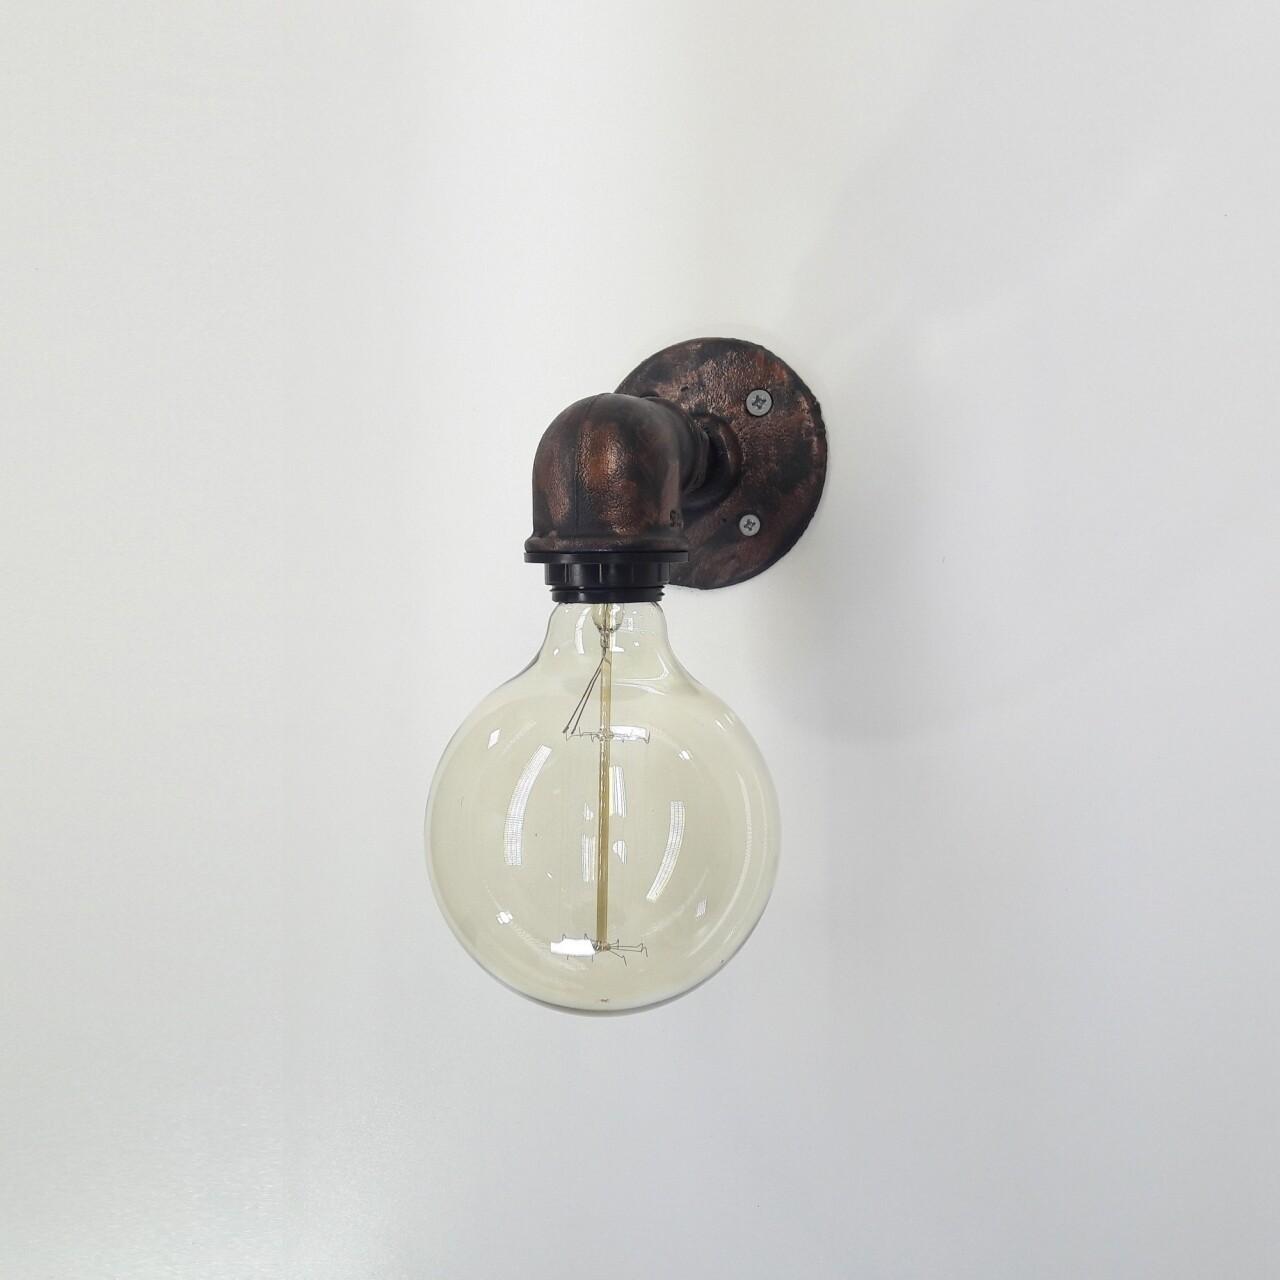 Aplica de perete All Design, metal, 13x10x10 cm, Bulb